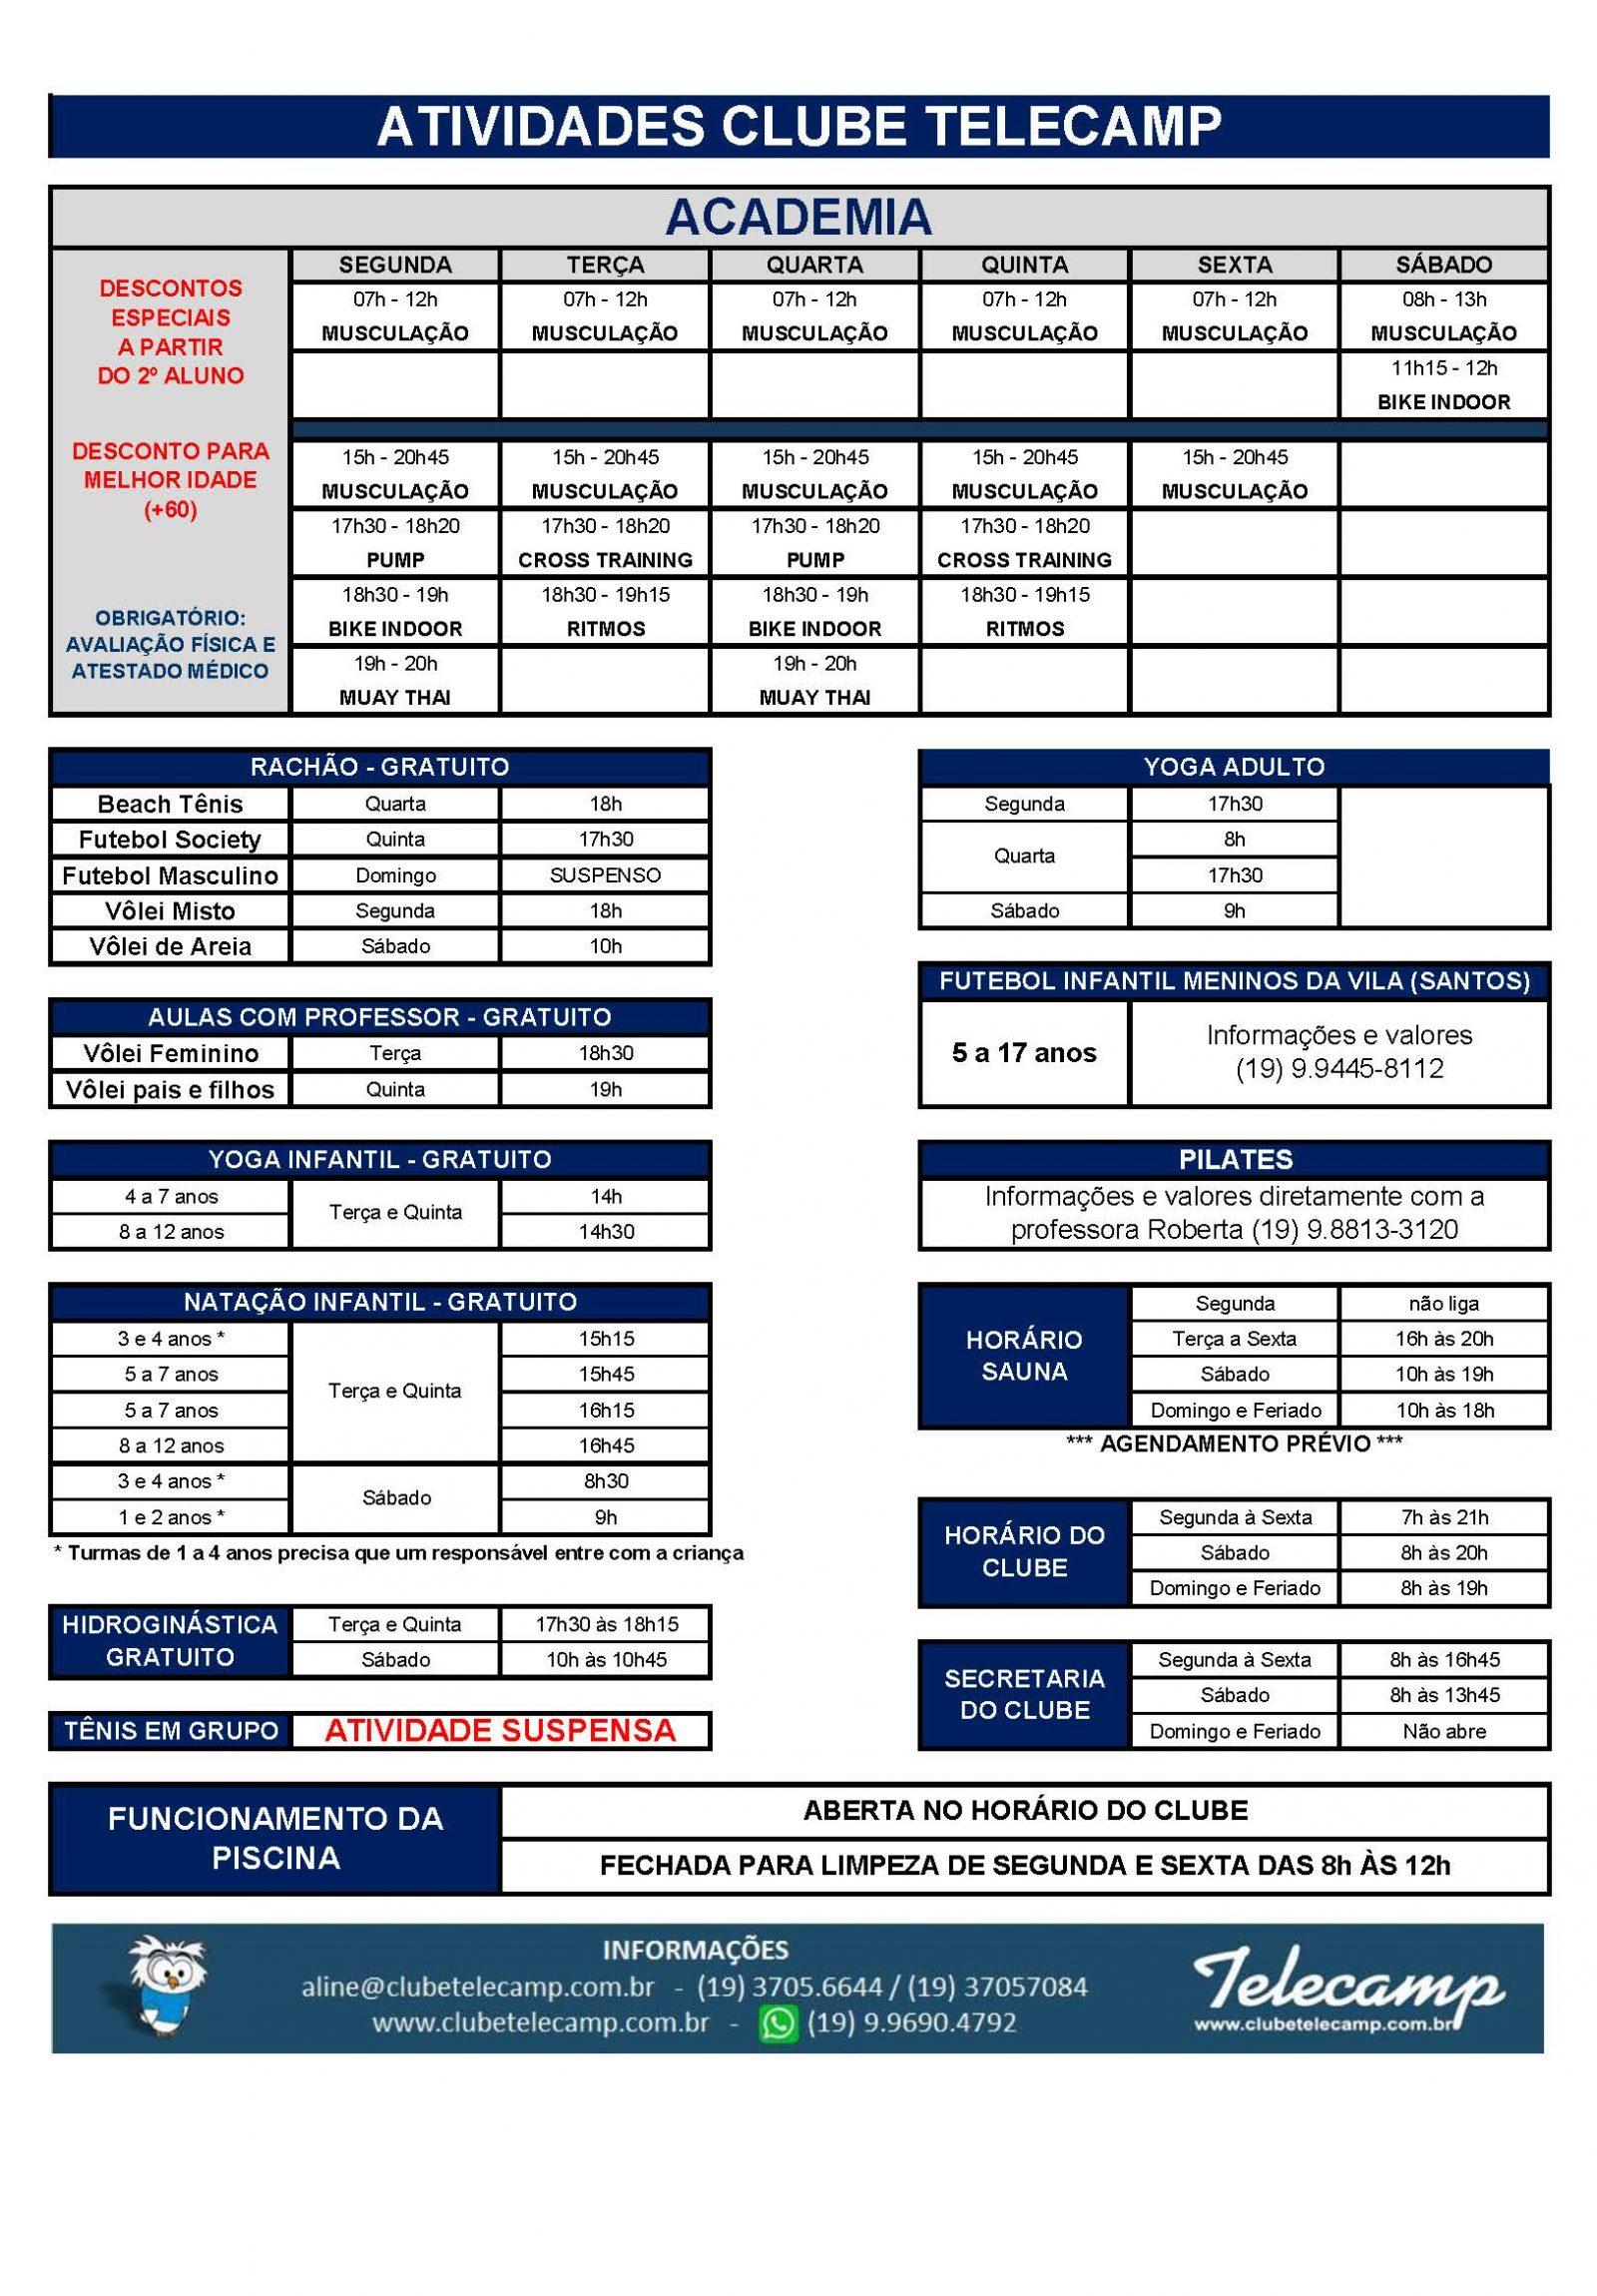 Atividades Esportivas Telecamp - 2021-09-23